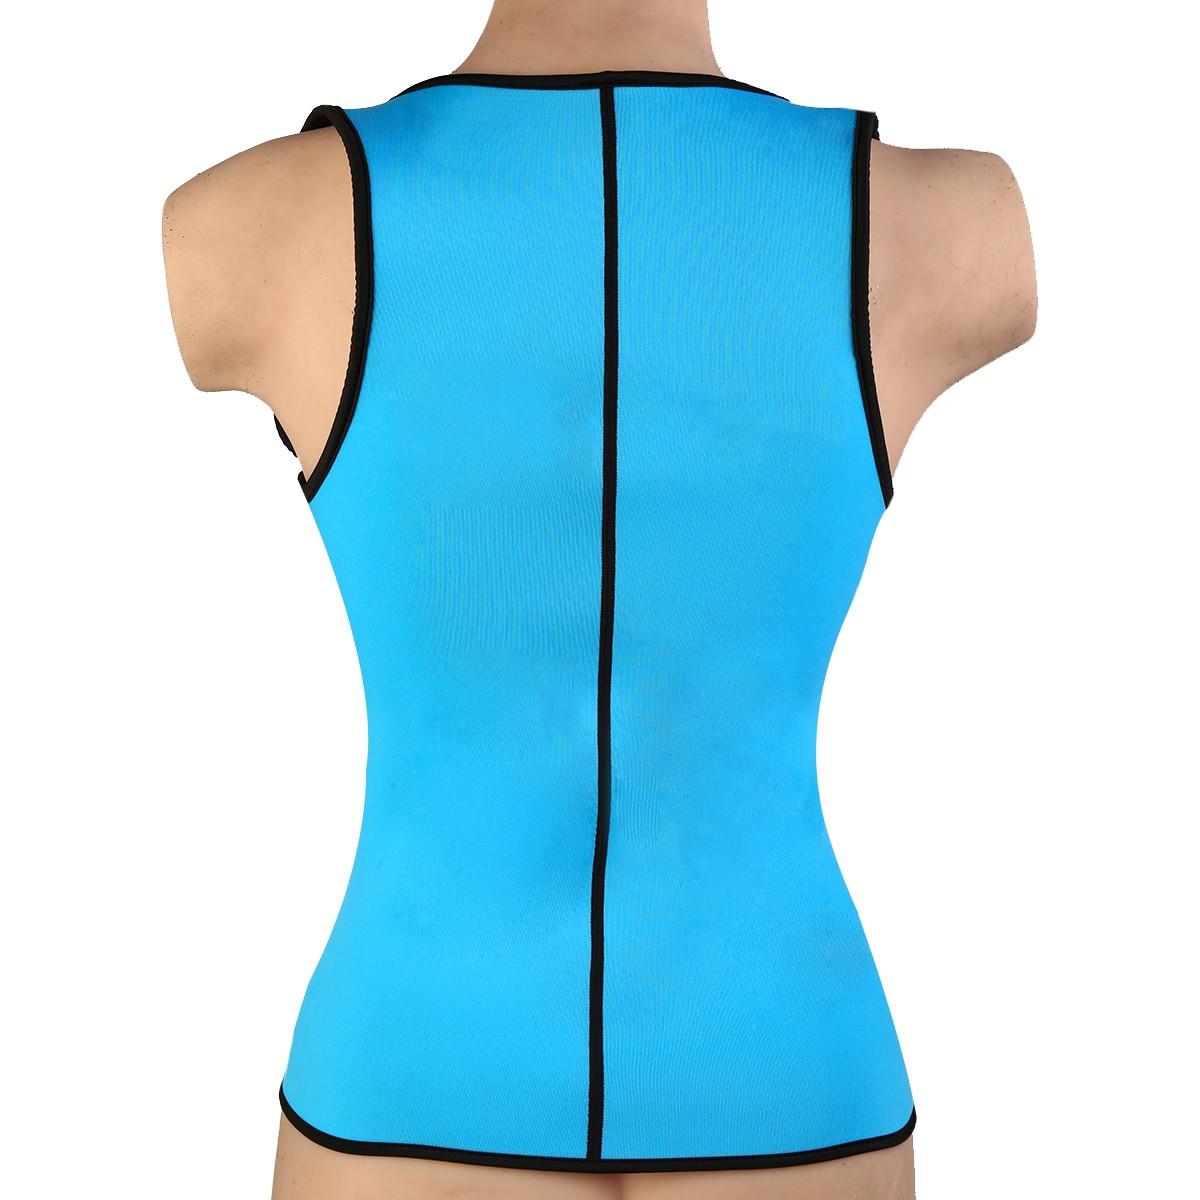 zip up neoprene slimmer waist trainer cincher corset vest